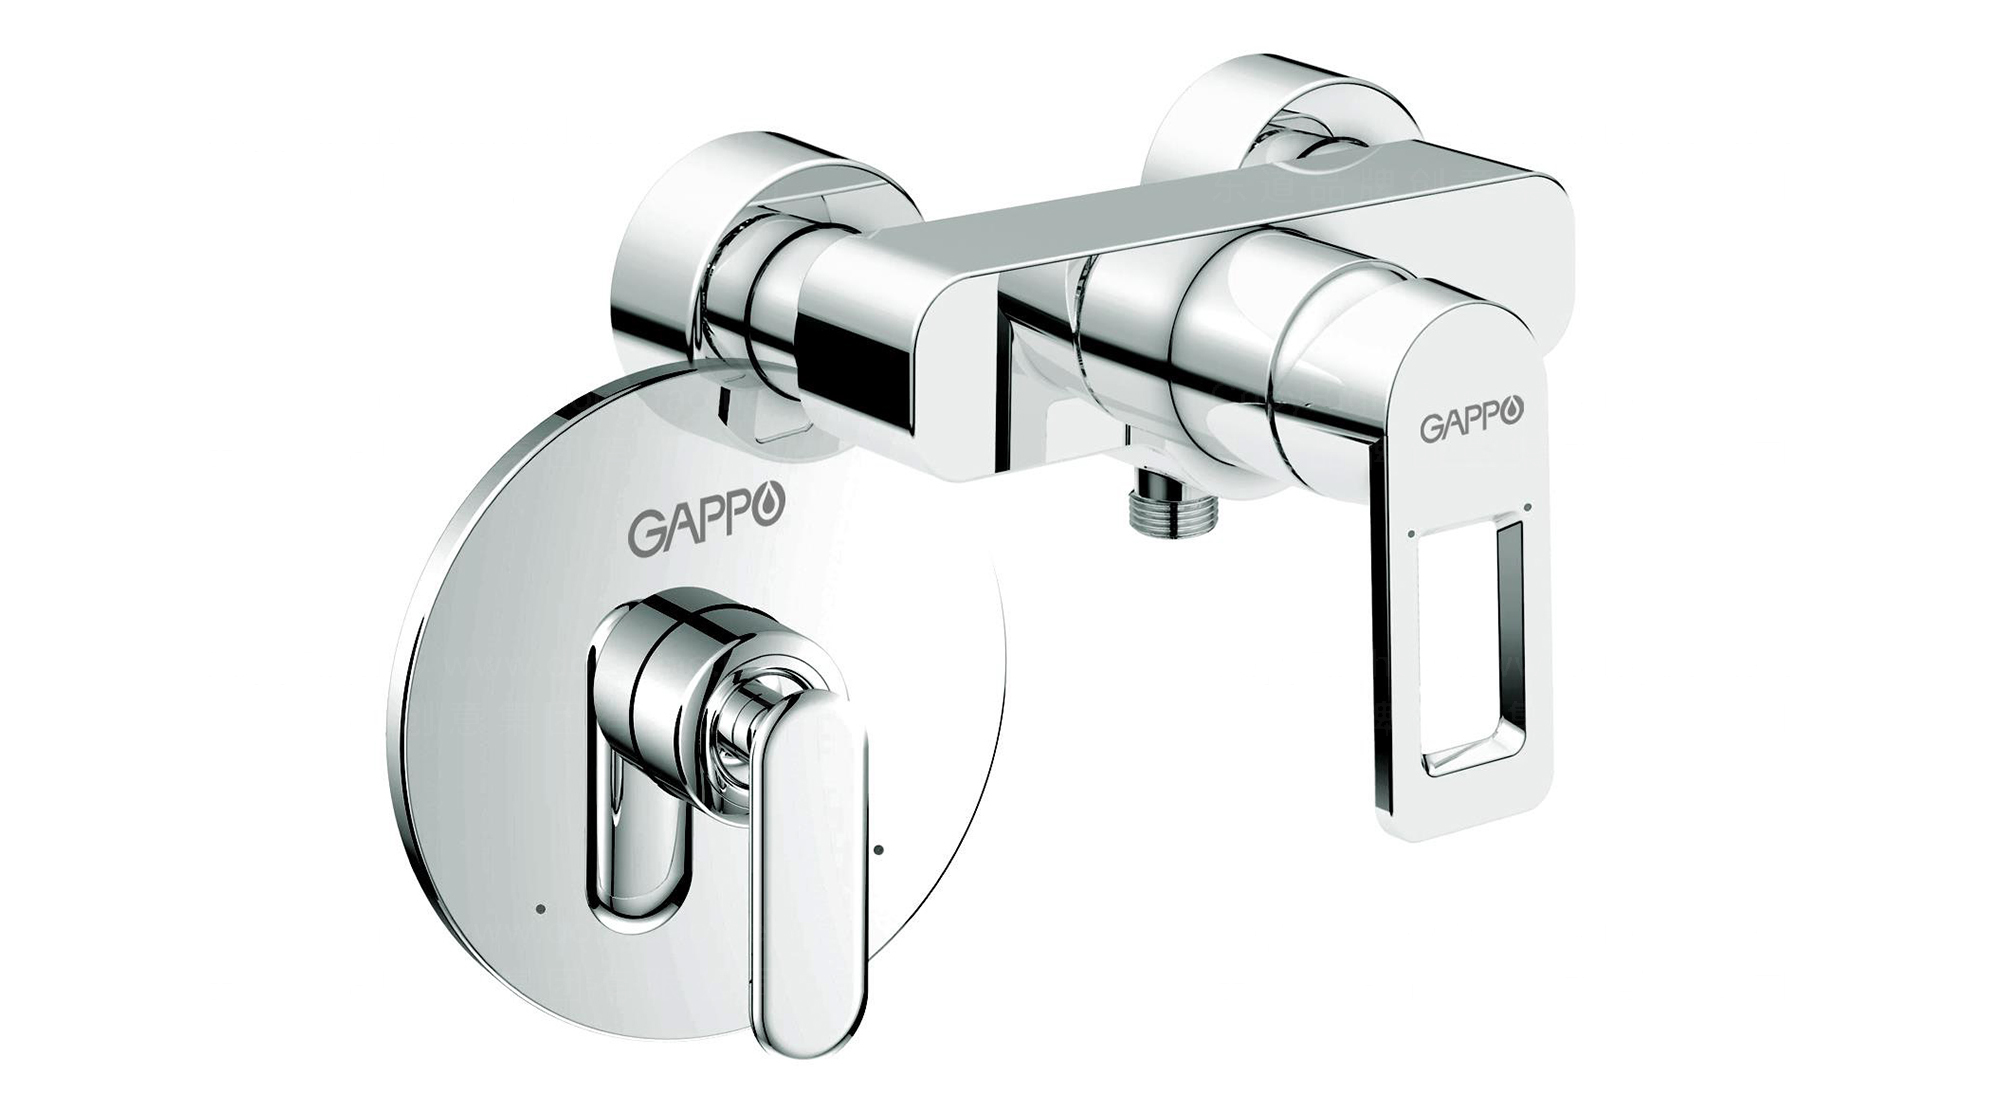 品牌设计GAPPO卫浴LOGO&VI设计应用场景_2